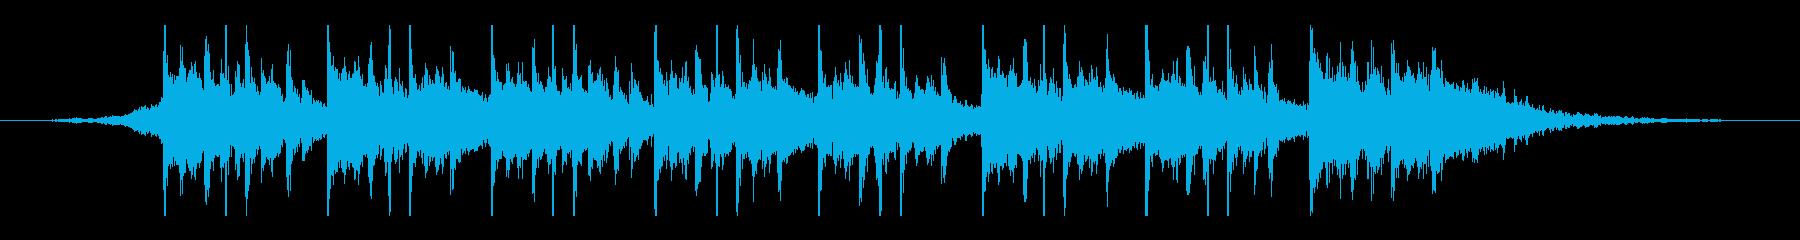 アラビア語(25秒)の再生済みの波形